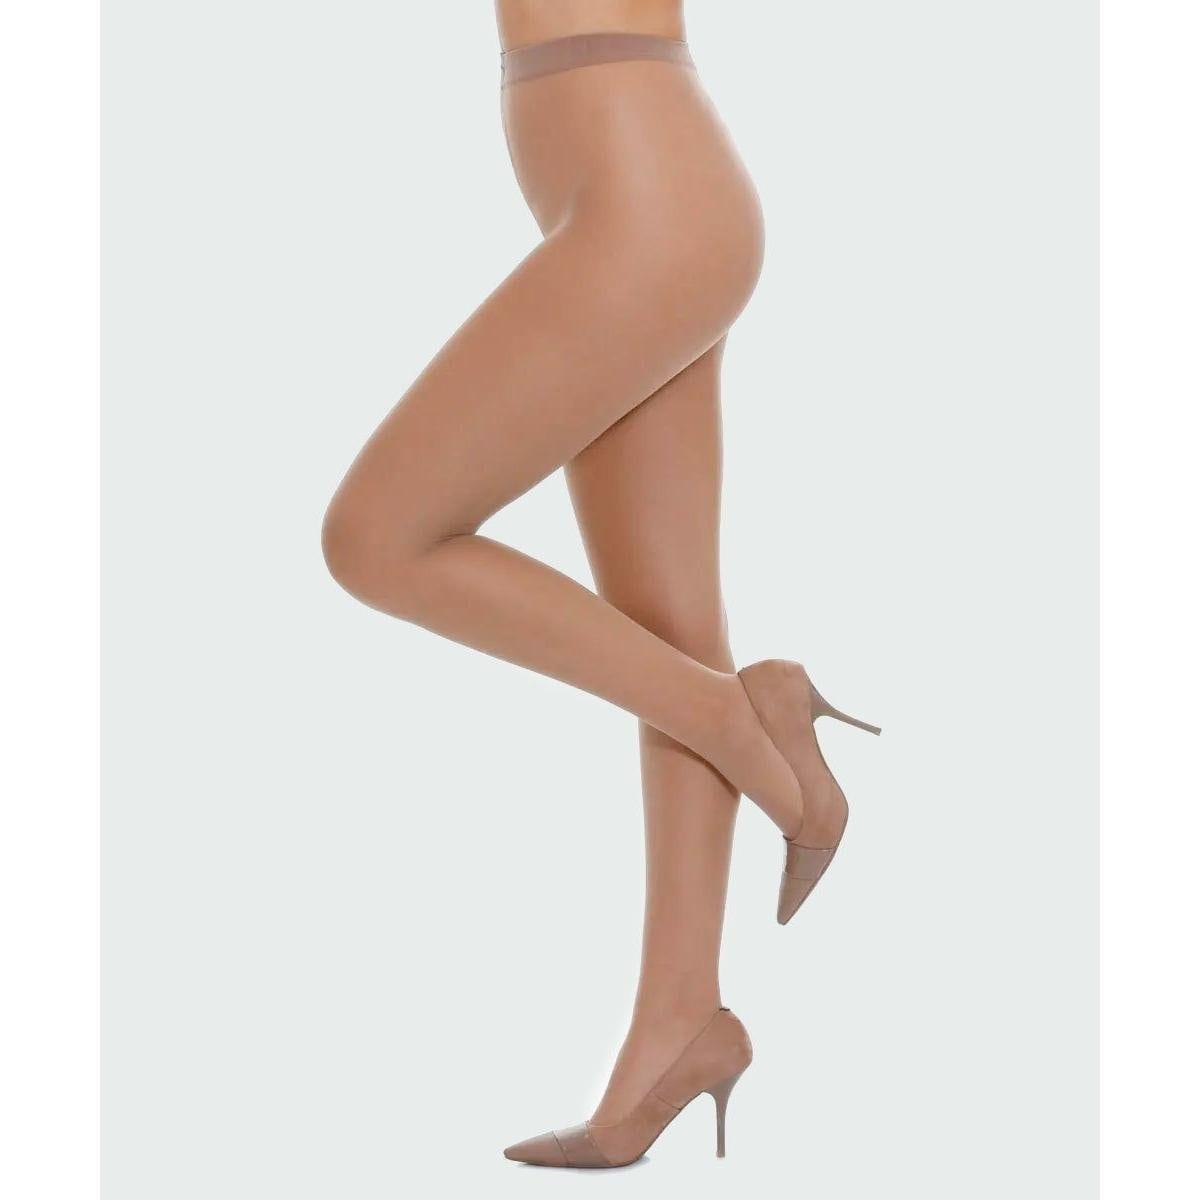 Meia- calça: história da peça, principais modelos e como usá-la